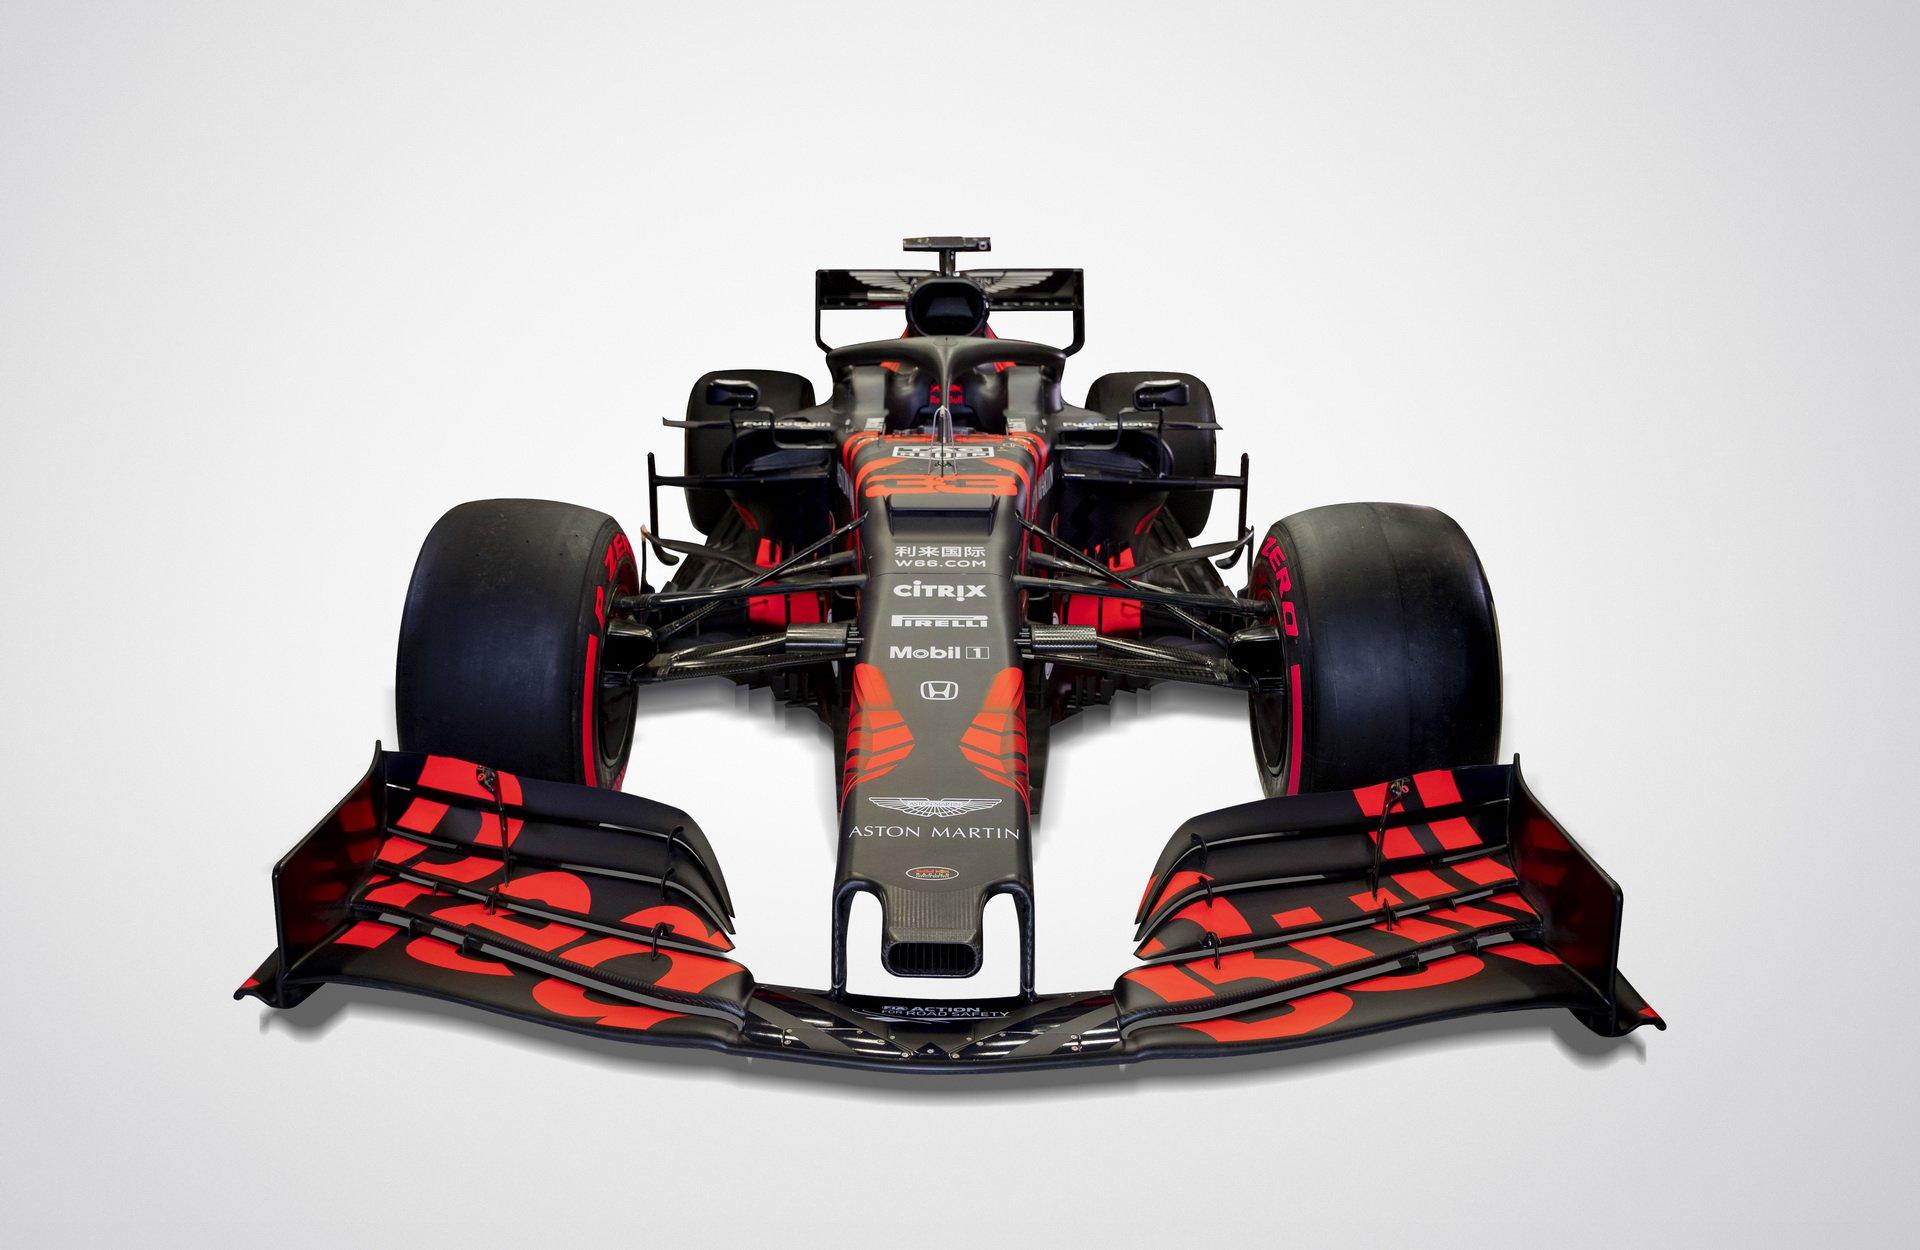 Први фотографии од новиот F1 Red Bull RB15